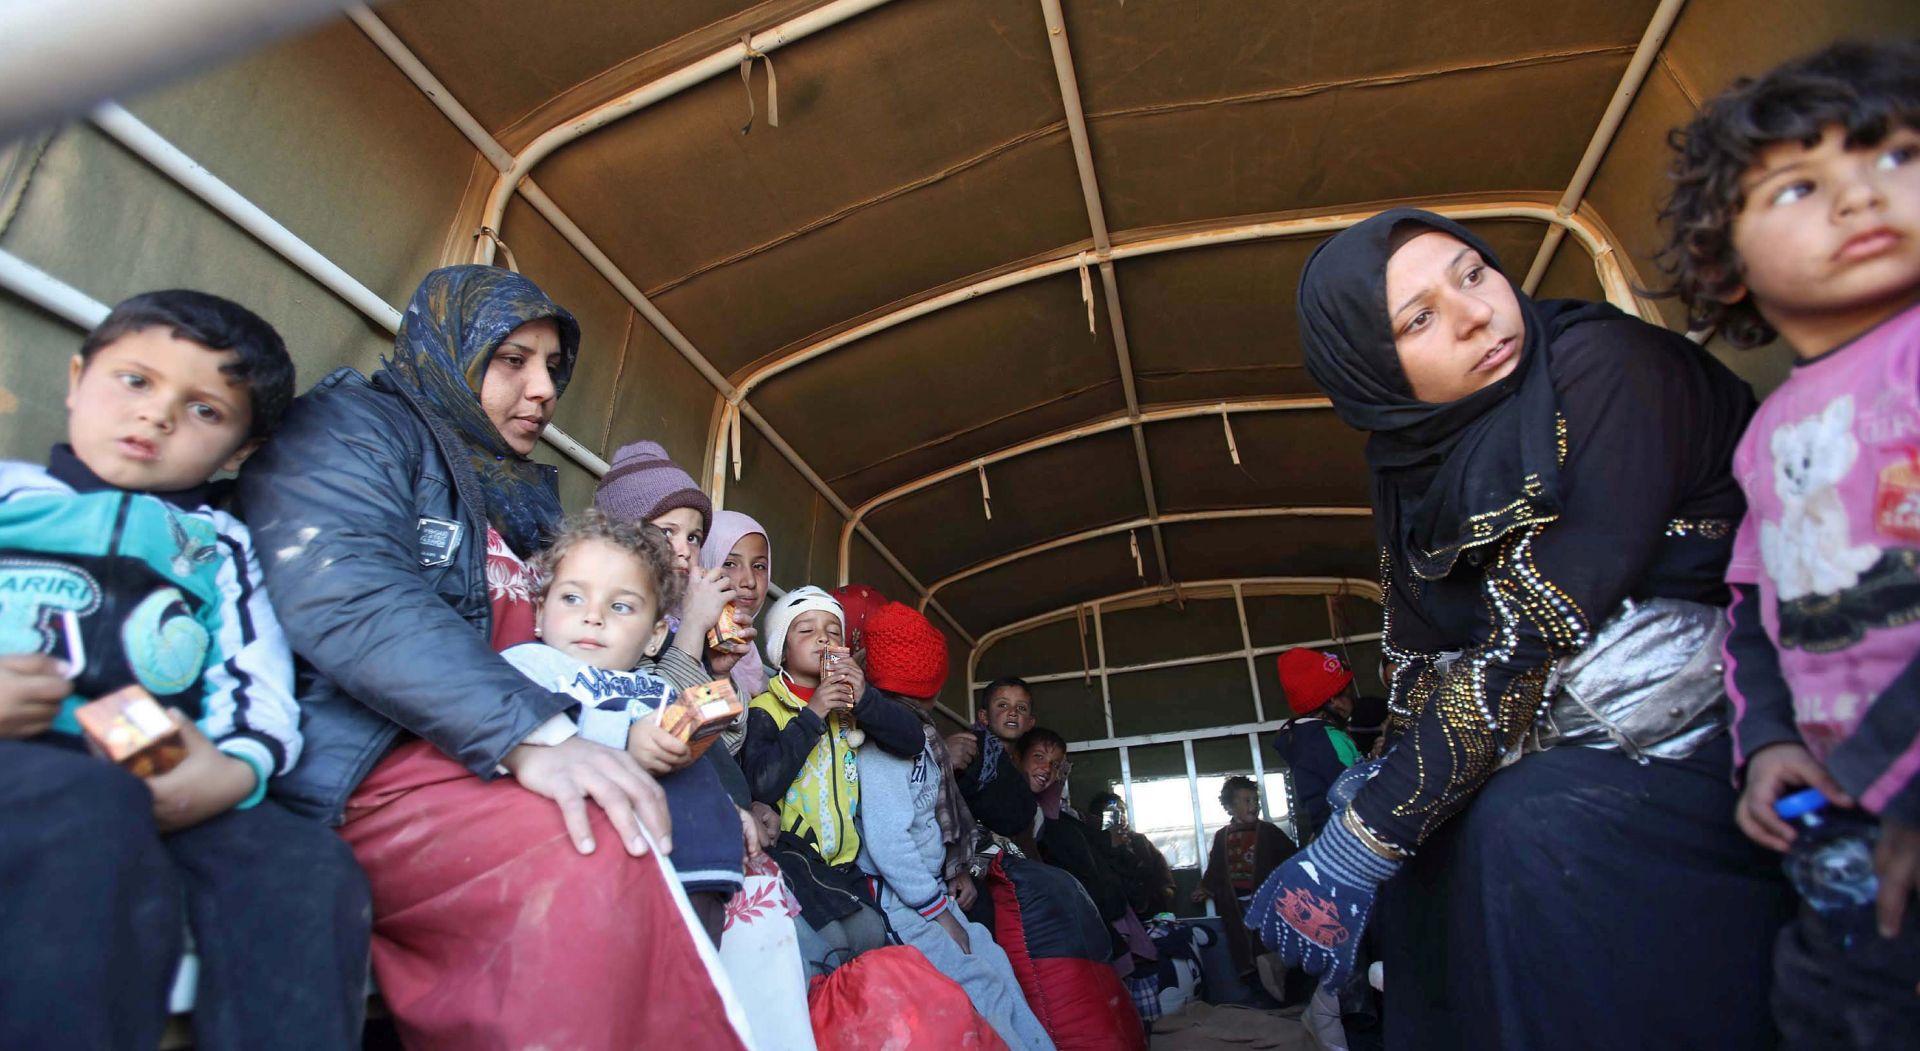 NAKON DOGOVORA: Prognane obitelji se vraćaju na jug Damaska